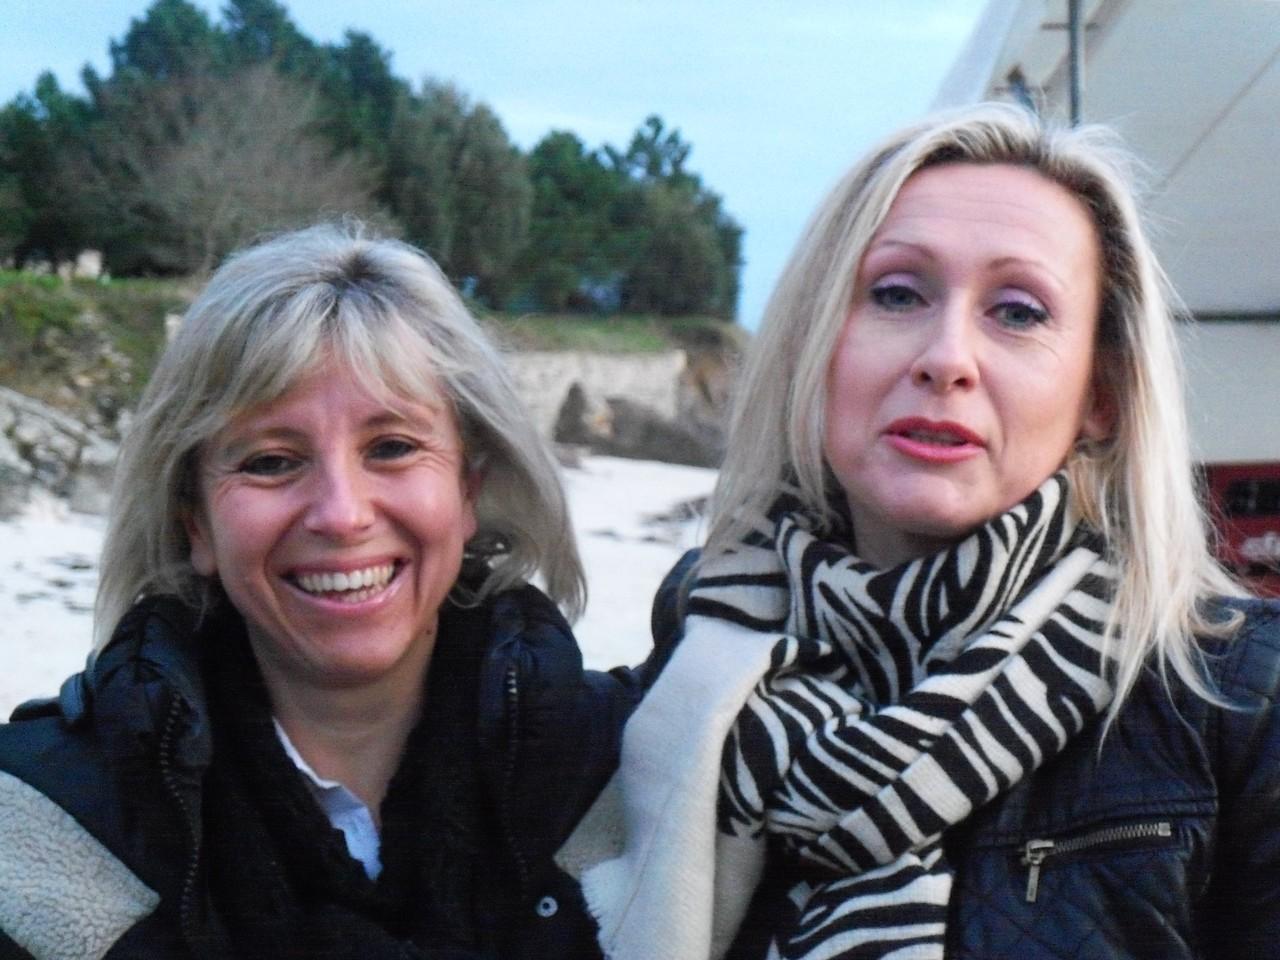 les vraies blondes !!!!